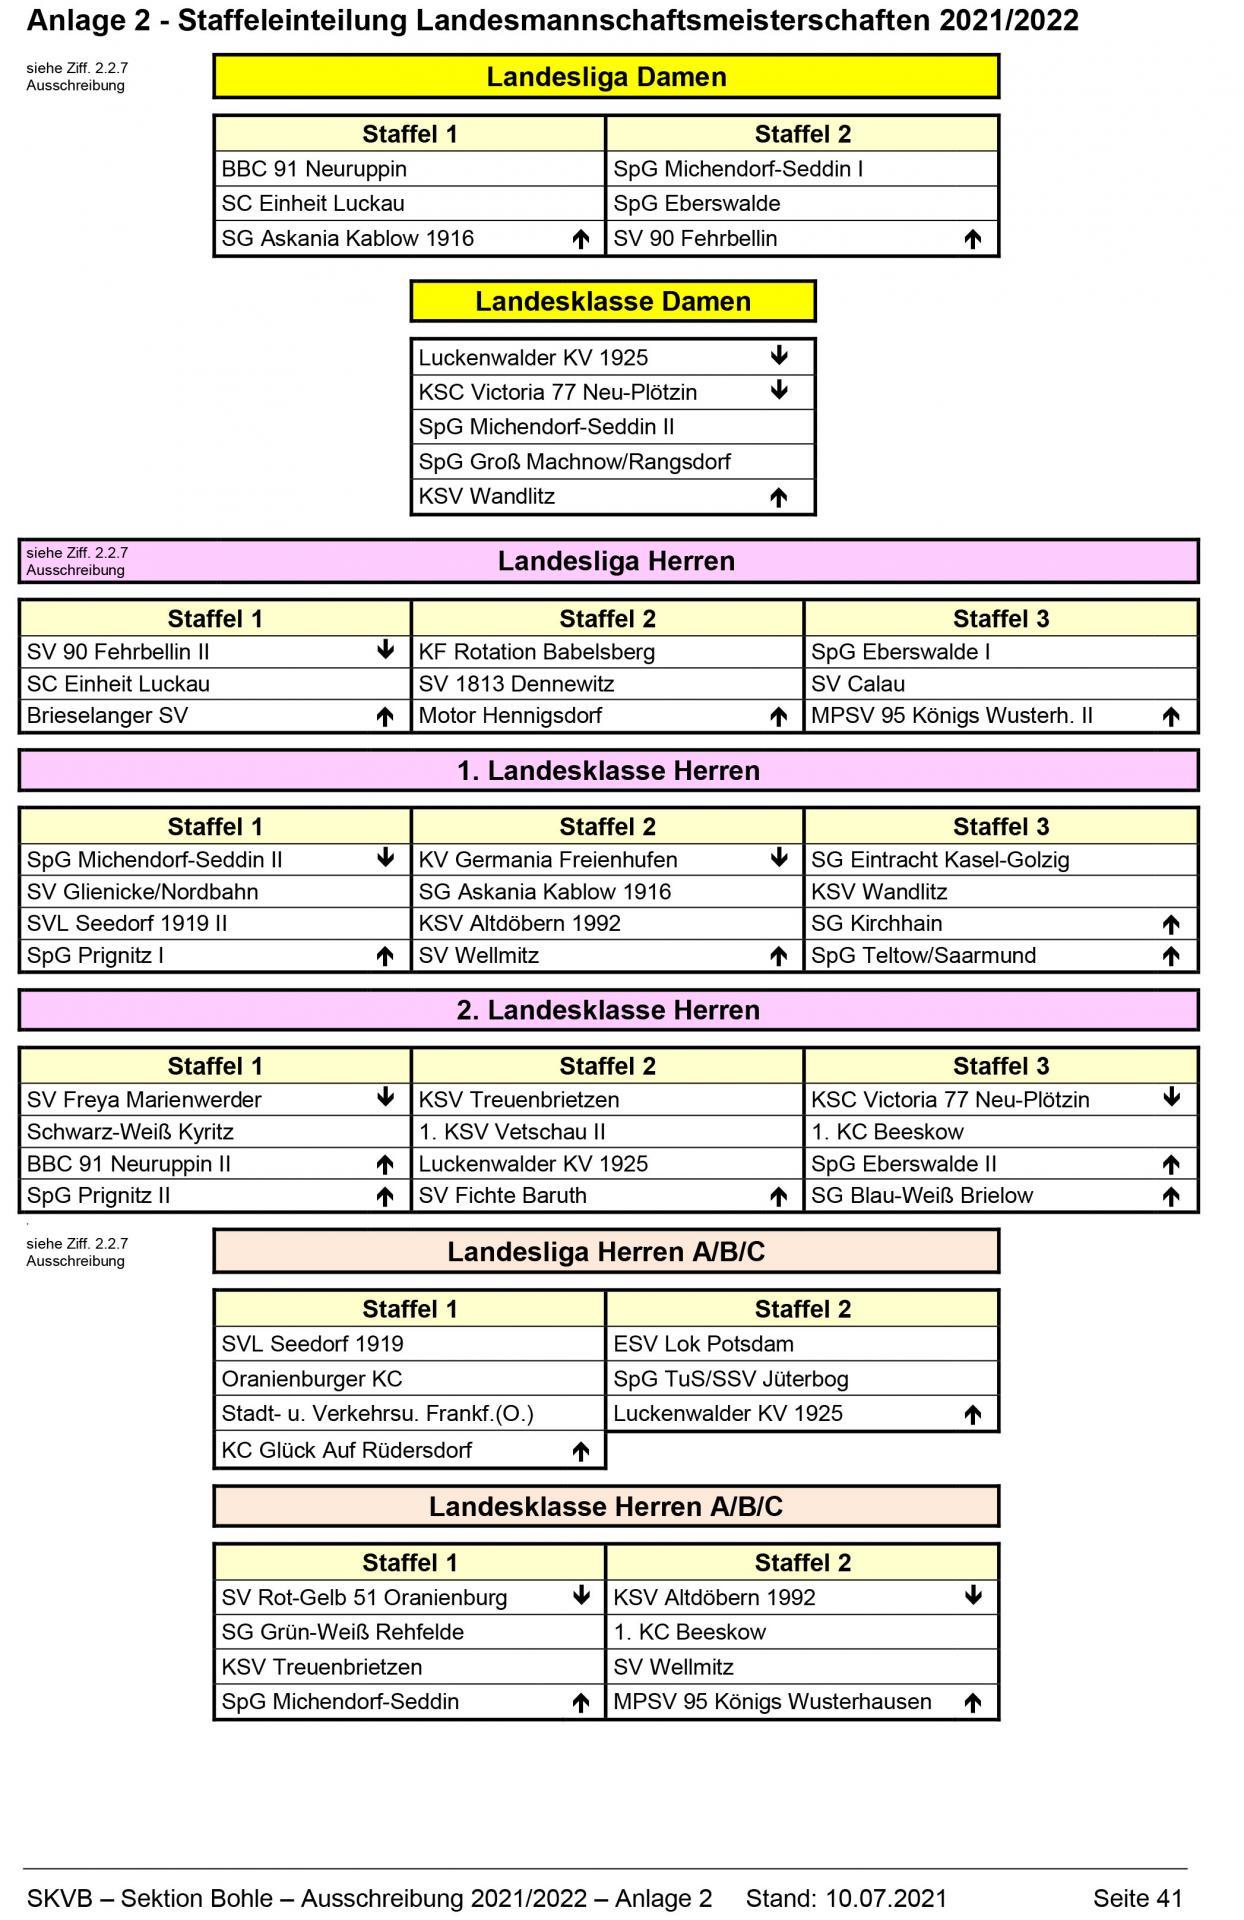 Staffeleinteilung 1. Mannschaft